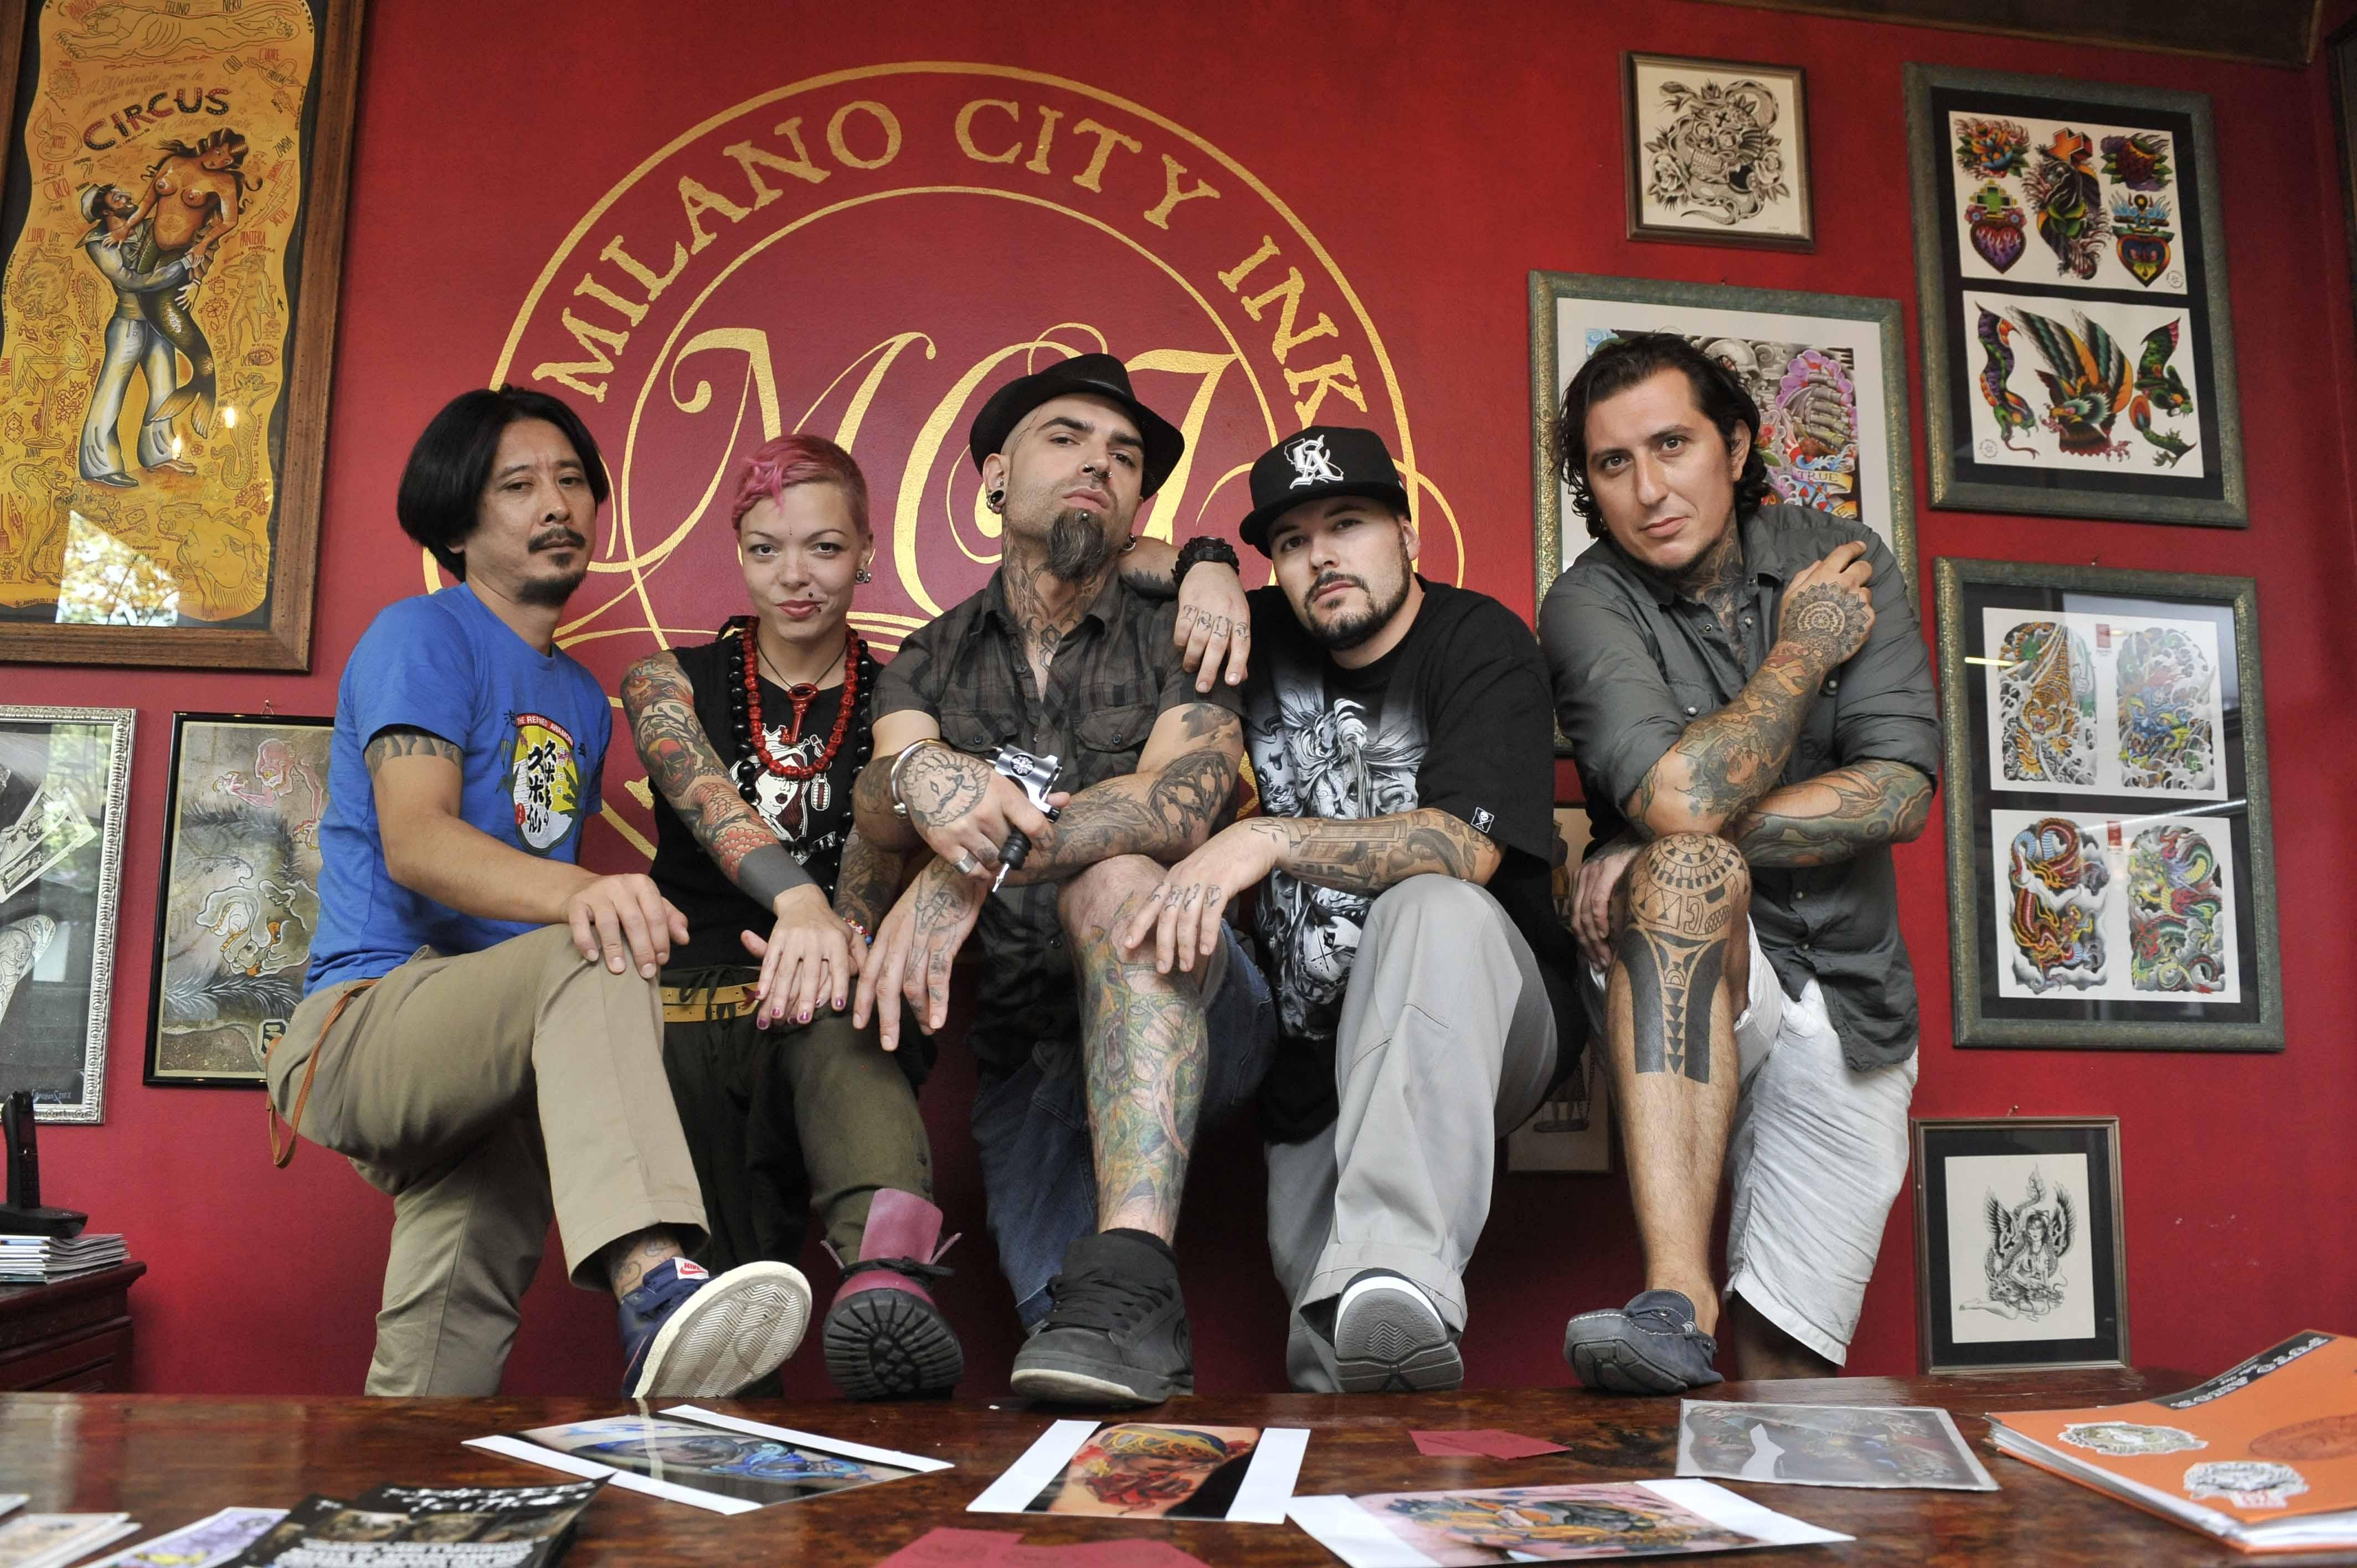 Milano City Tattoo: su DMAX la prima produzione italiana dedicata al mondo dei tatuaggi